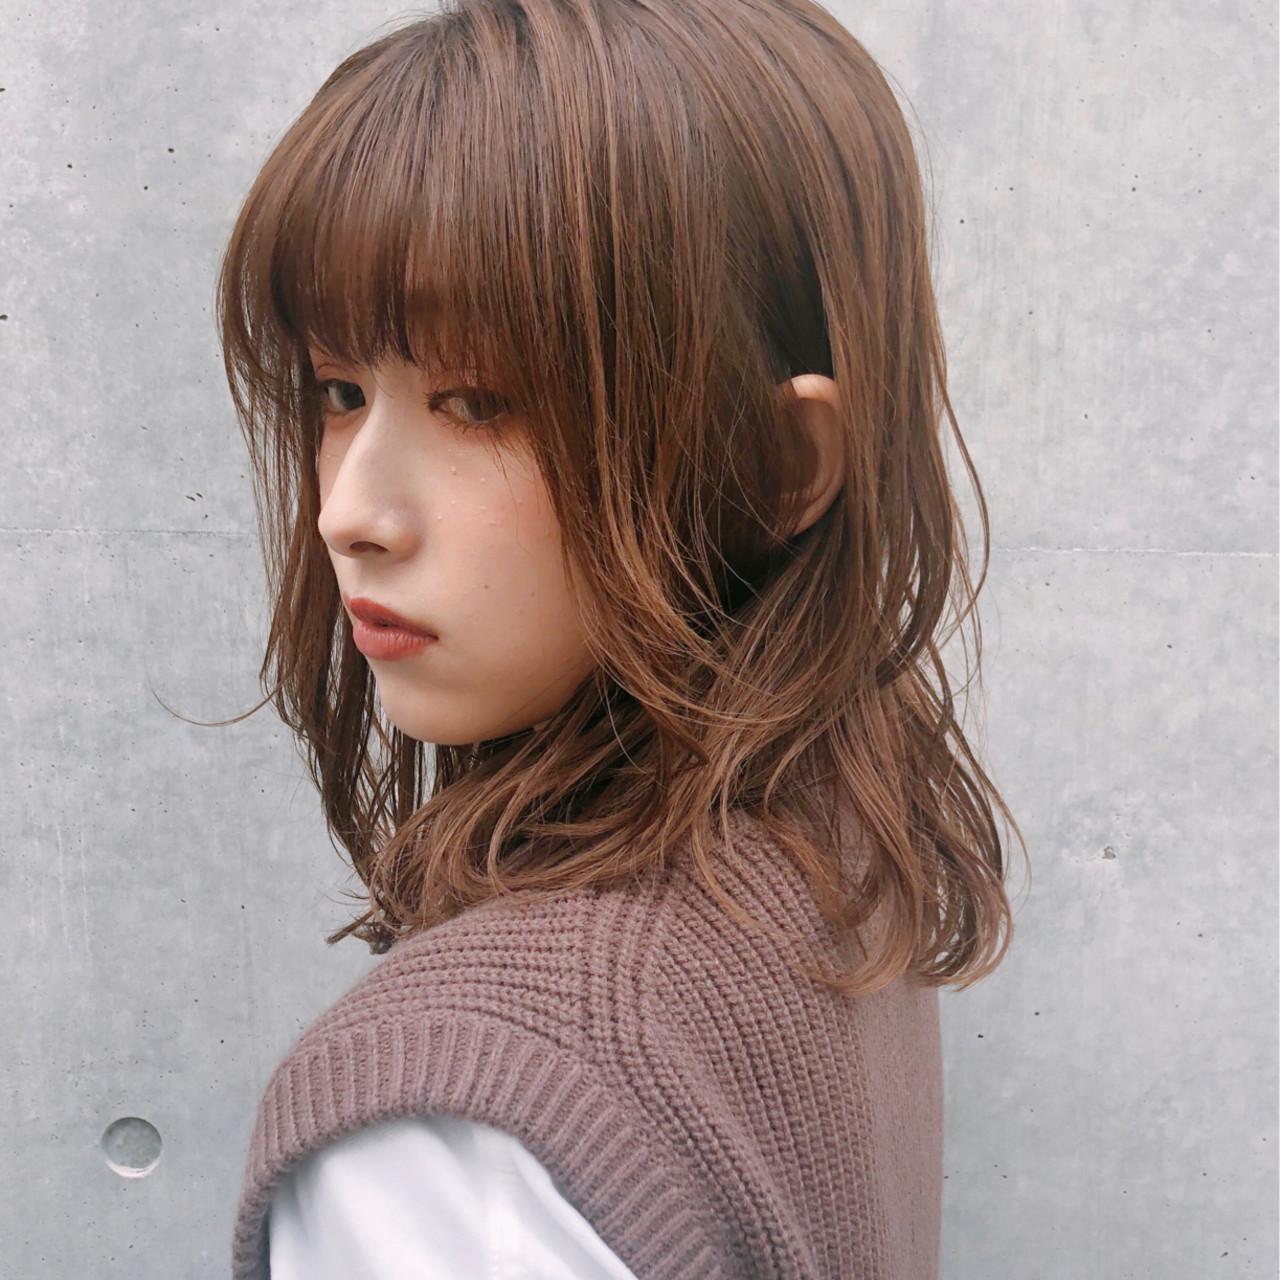 ゆるふわ ミディアム アンニュイほつれヘア ナチュラル ヘアスタイルや髪型の写真・画像